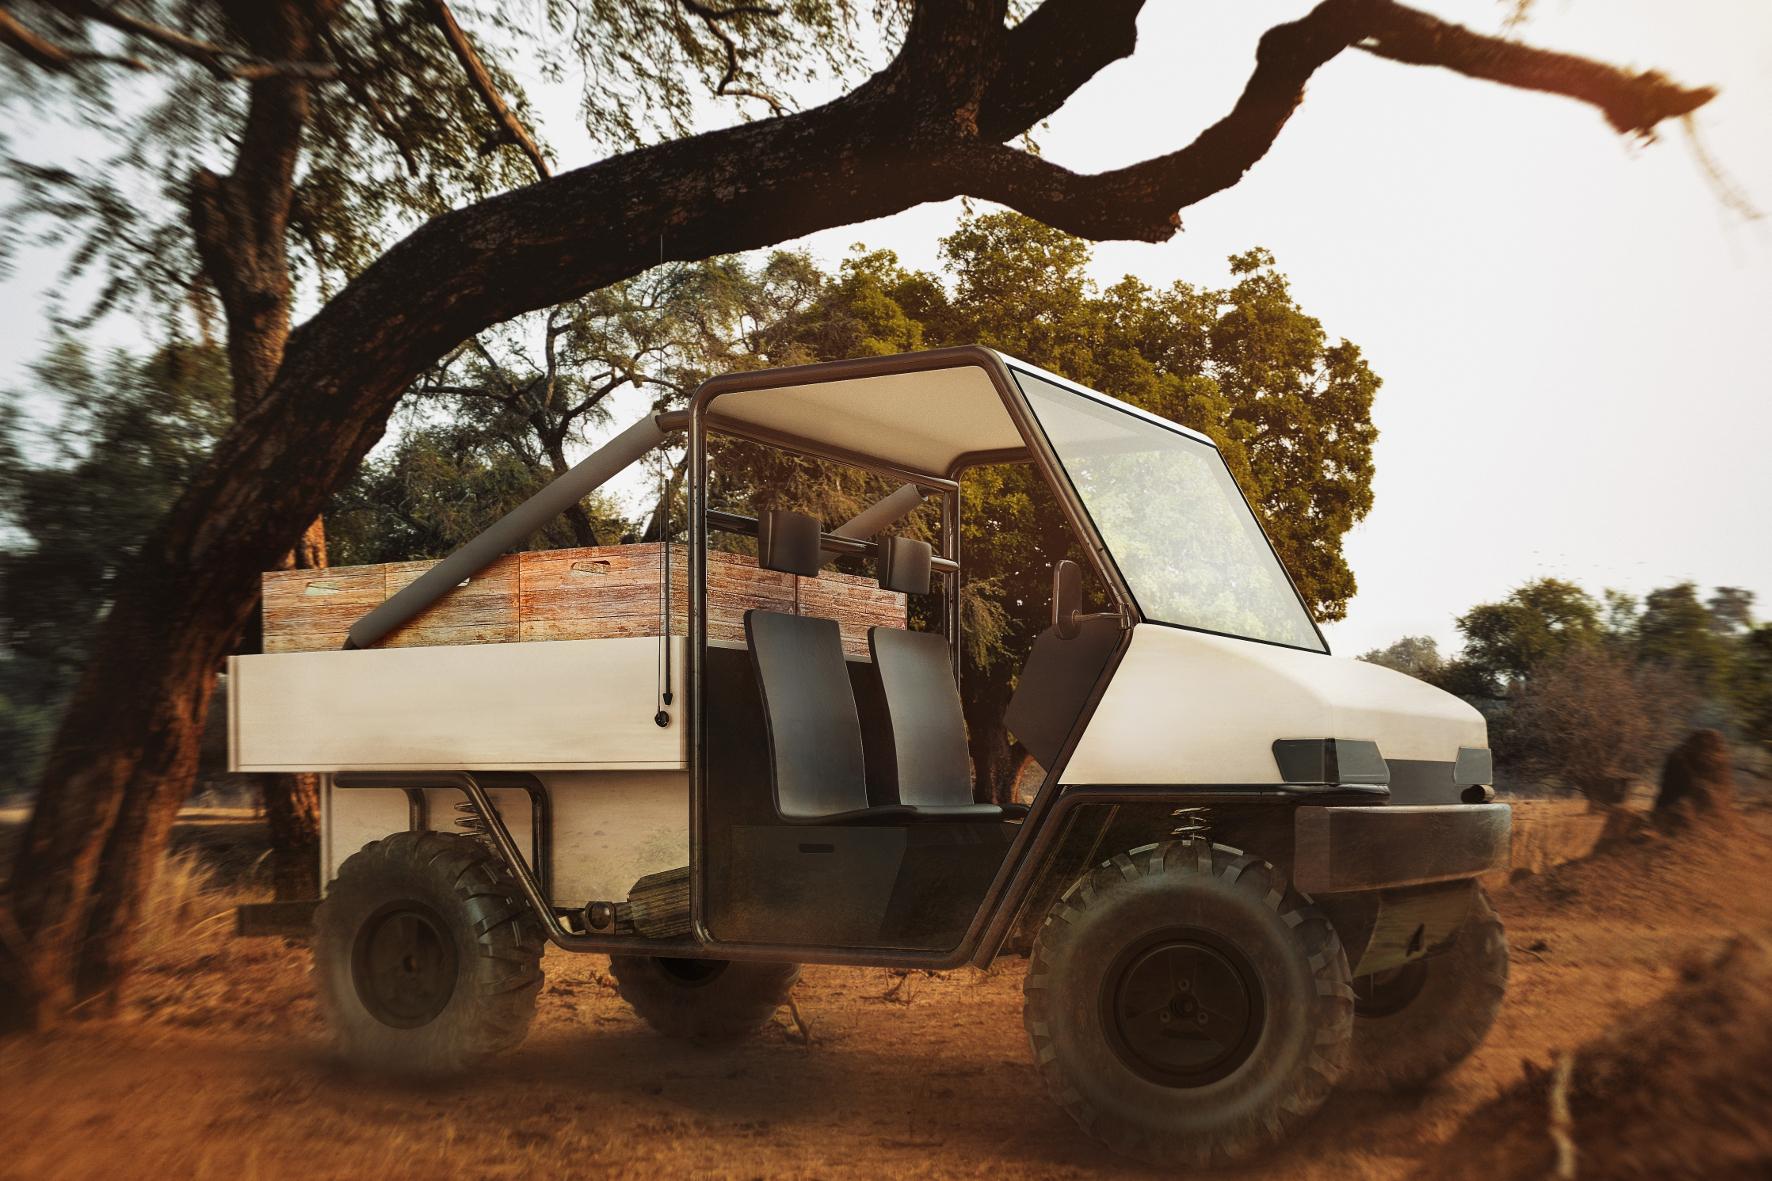 """mid Groß-Gerau - Das """"aCar"""" ist ein Elektro-Fahrzeug speziell für die ländliche Bevölkerung in den armen Regionen Afrikas. Ob der Prototyp irgendwann in Serie geht, müssen Tests jetzt zeigen."""